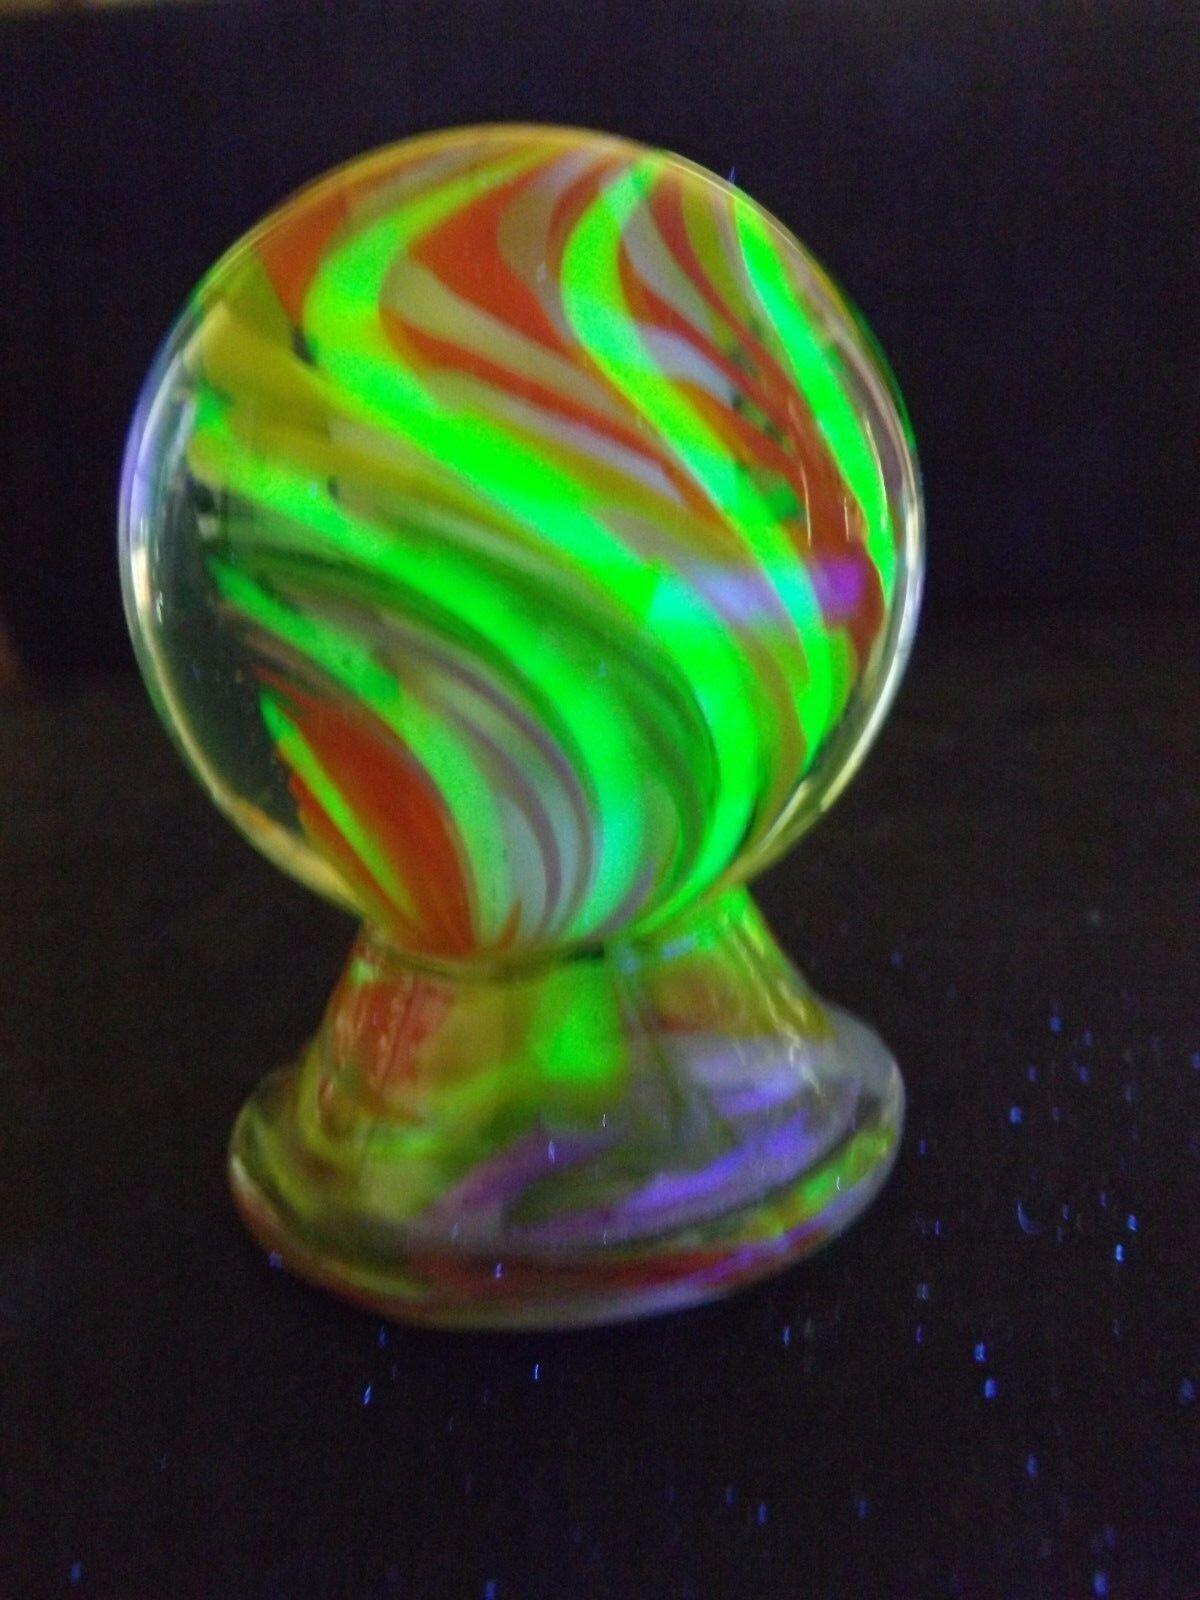 Sehr selten 2011 sammy hogue w   boyd vaseline schwenken tornado 2  glas, marmor w stehen